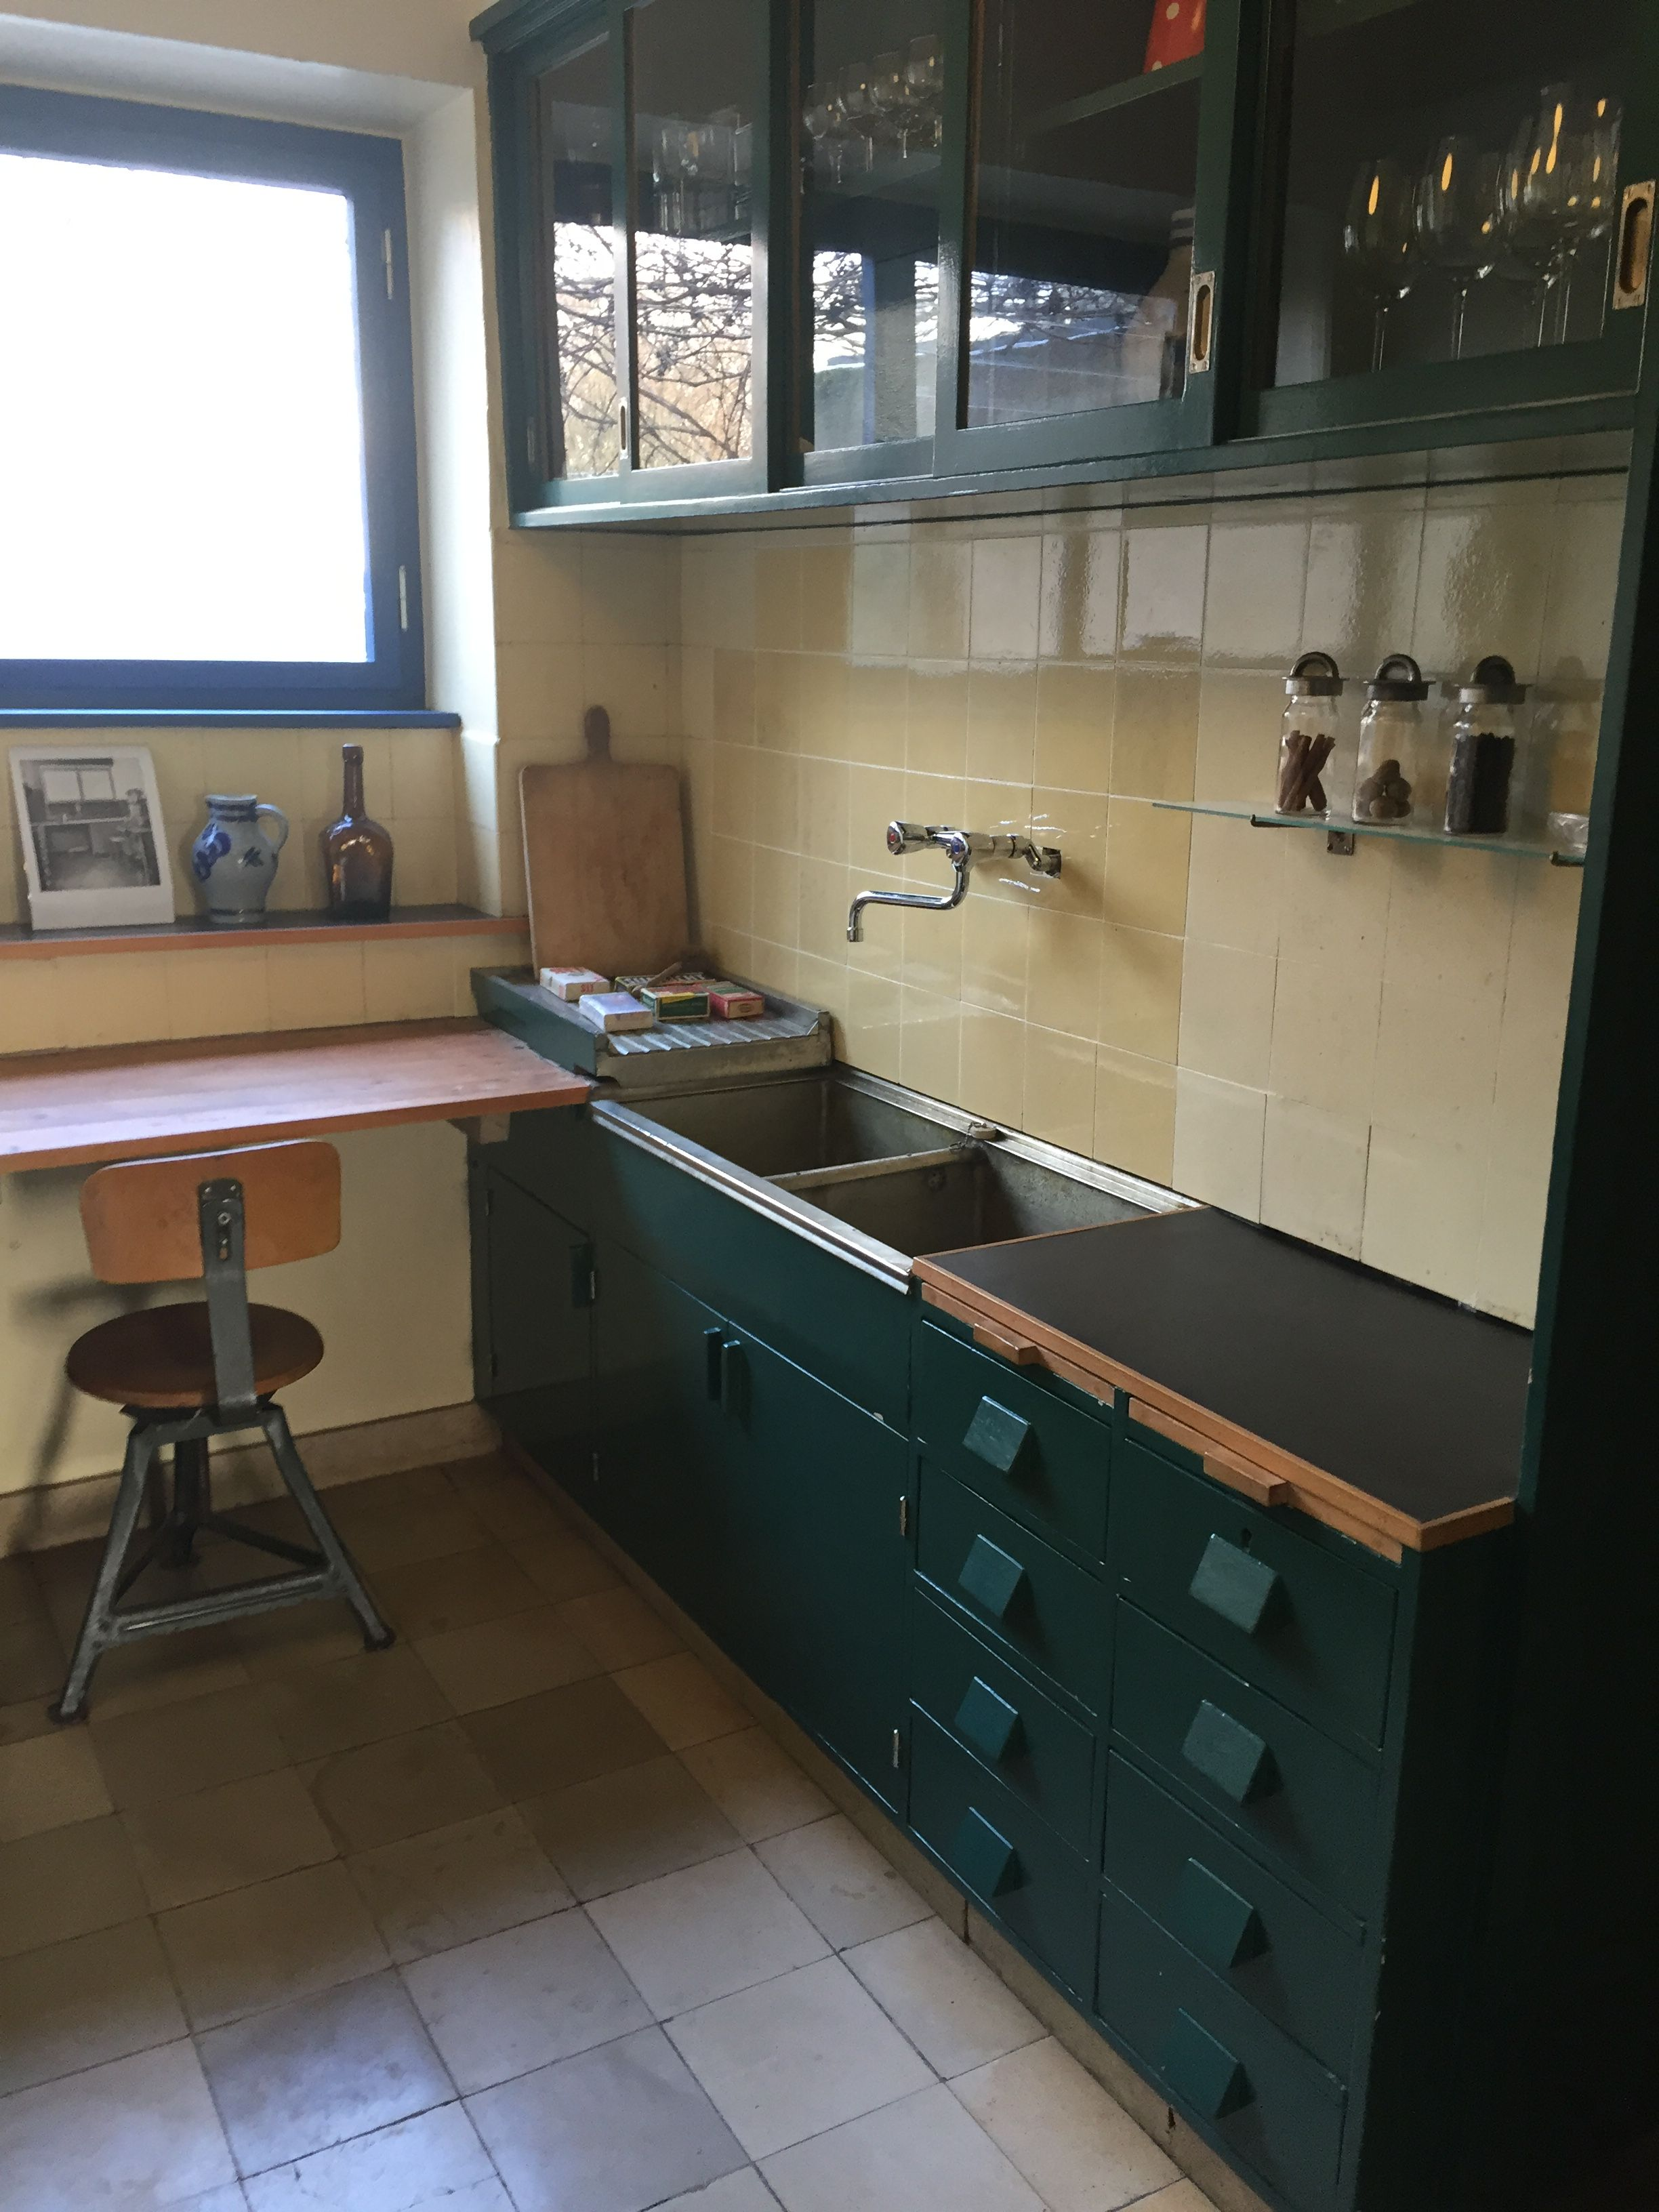 margarete sch tte lihotzky ernst may haus siedlung r merstadt the first built in kitchen. Black Bedroom Furniture Sets. Home Design Ideas